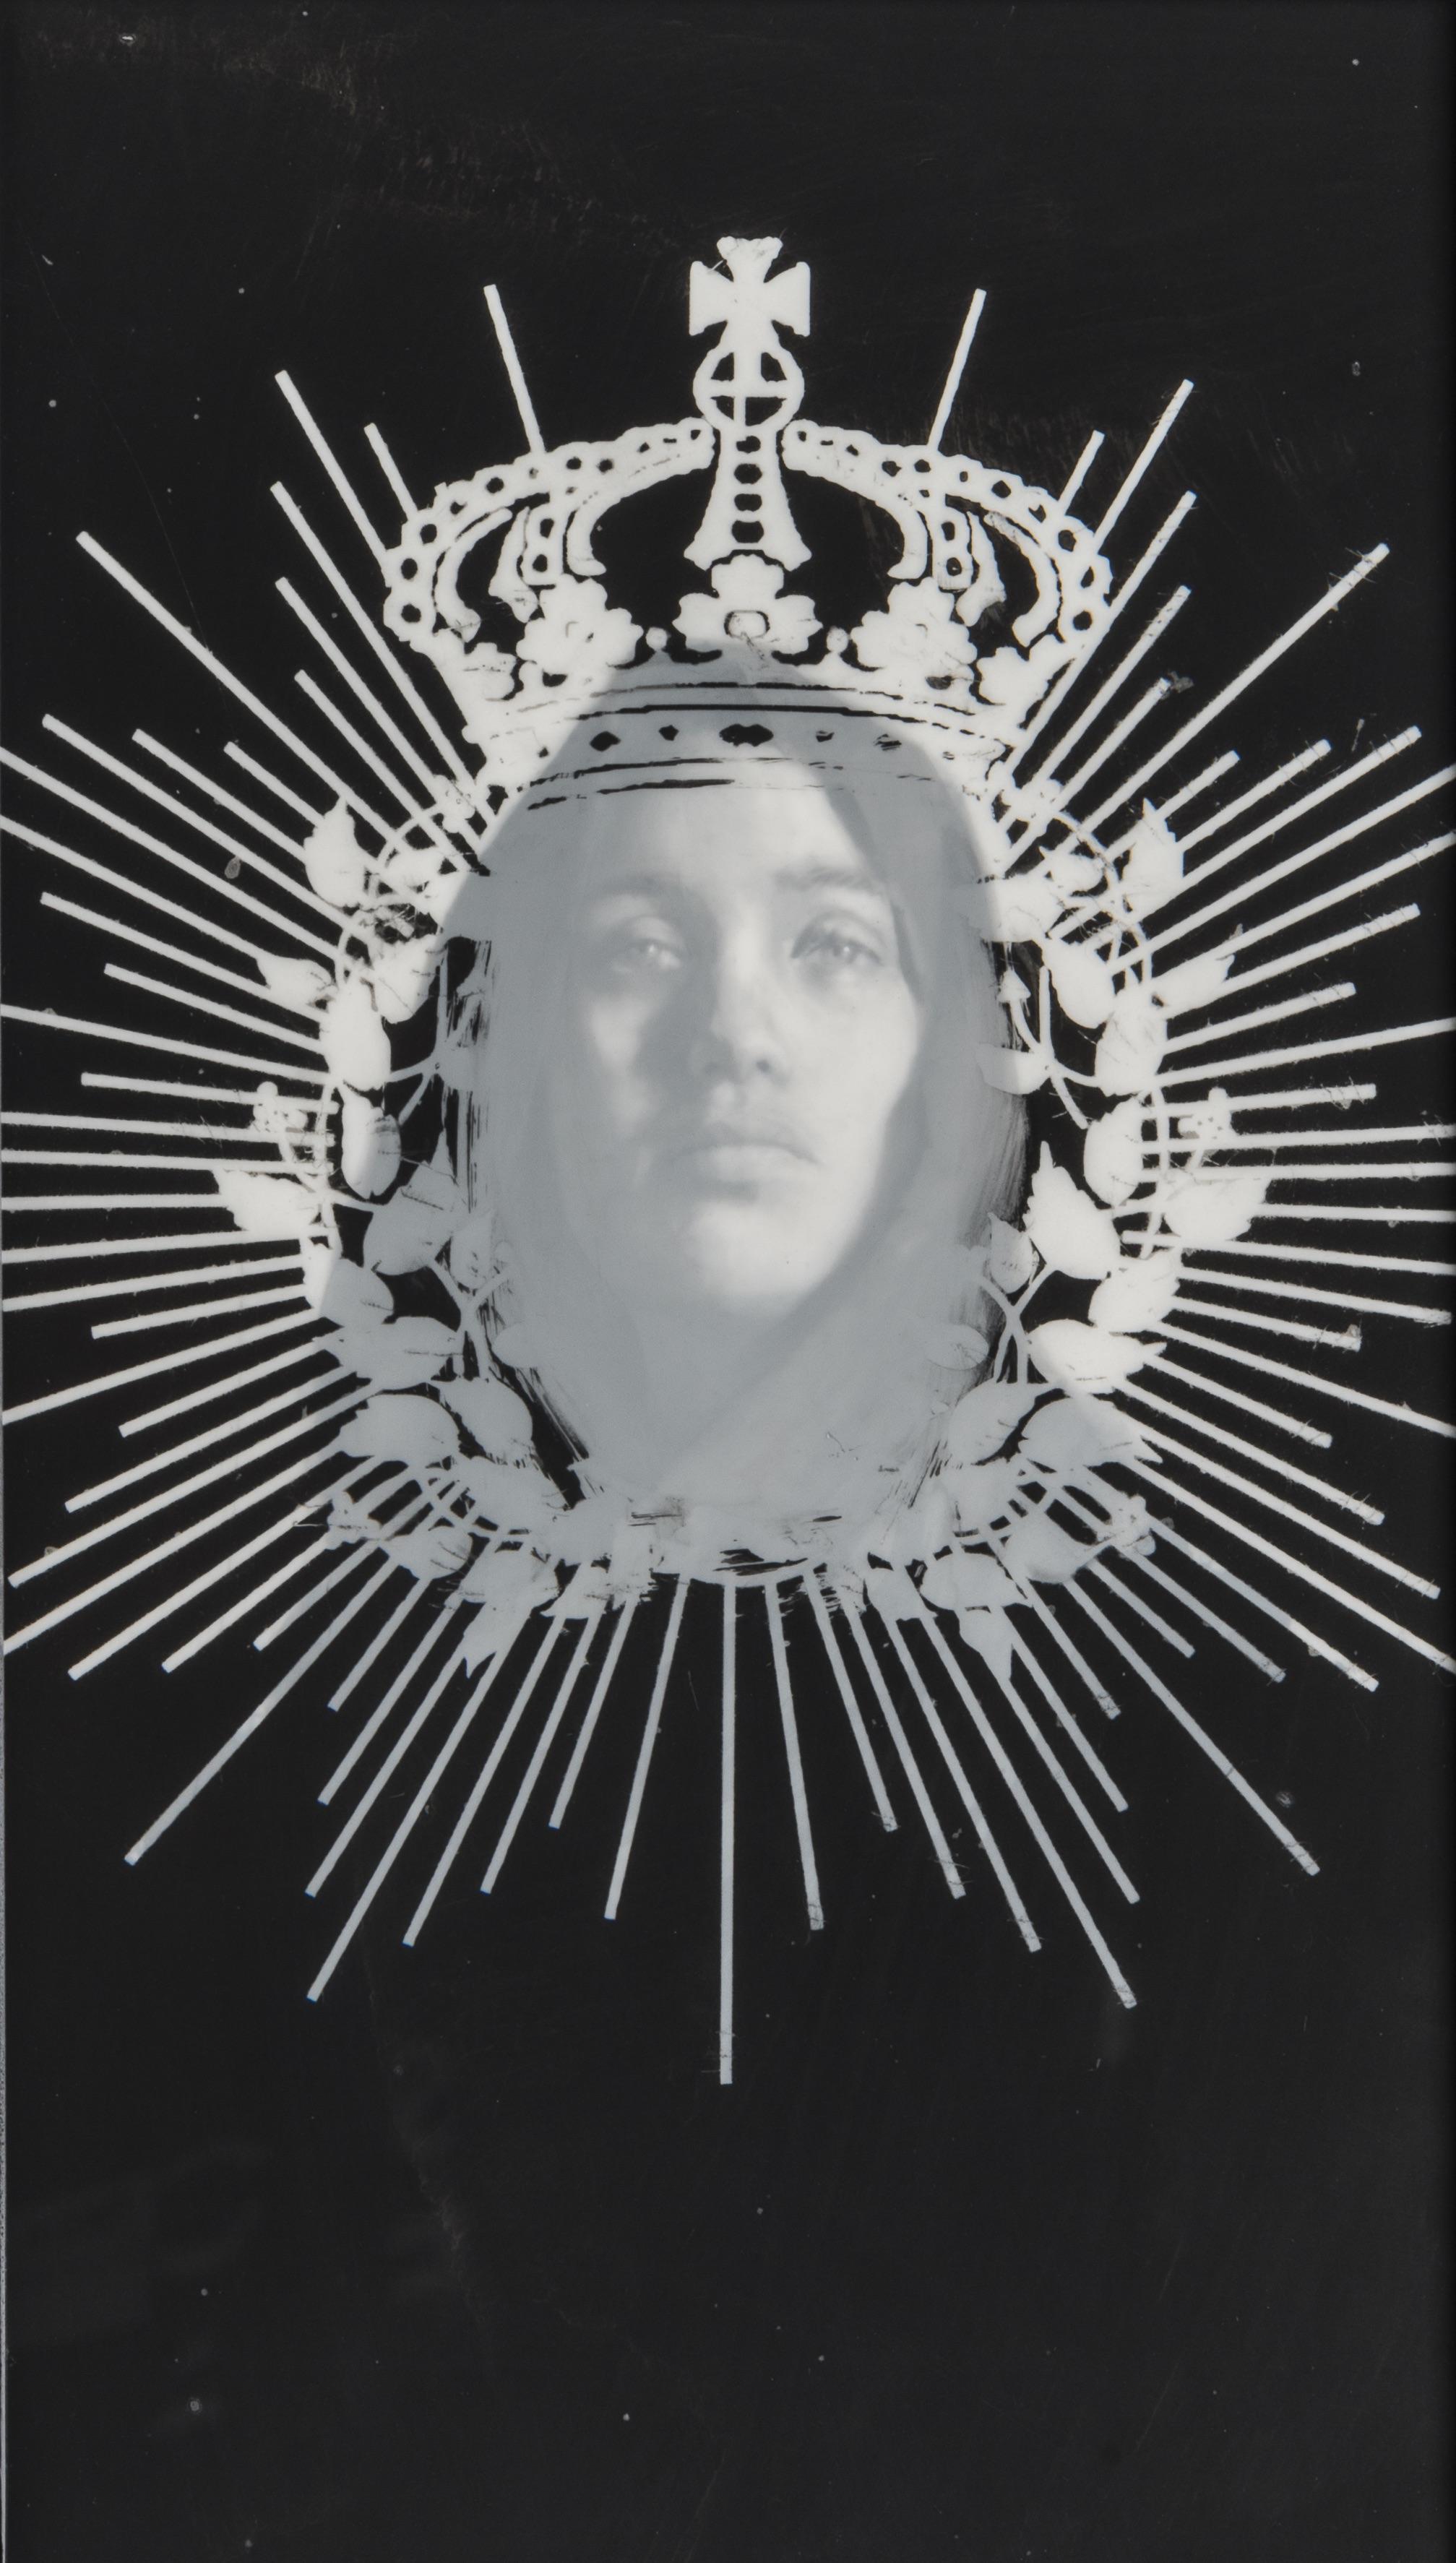 Uranus (Garland, Crown and Veil)